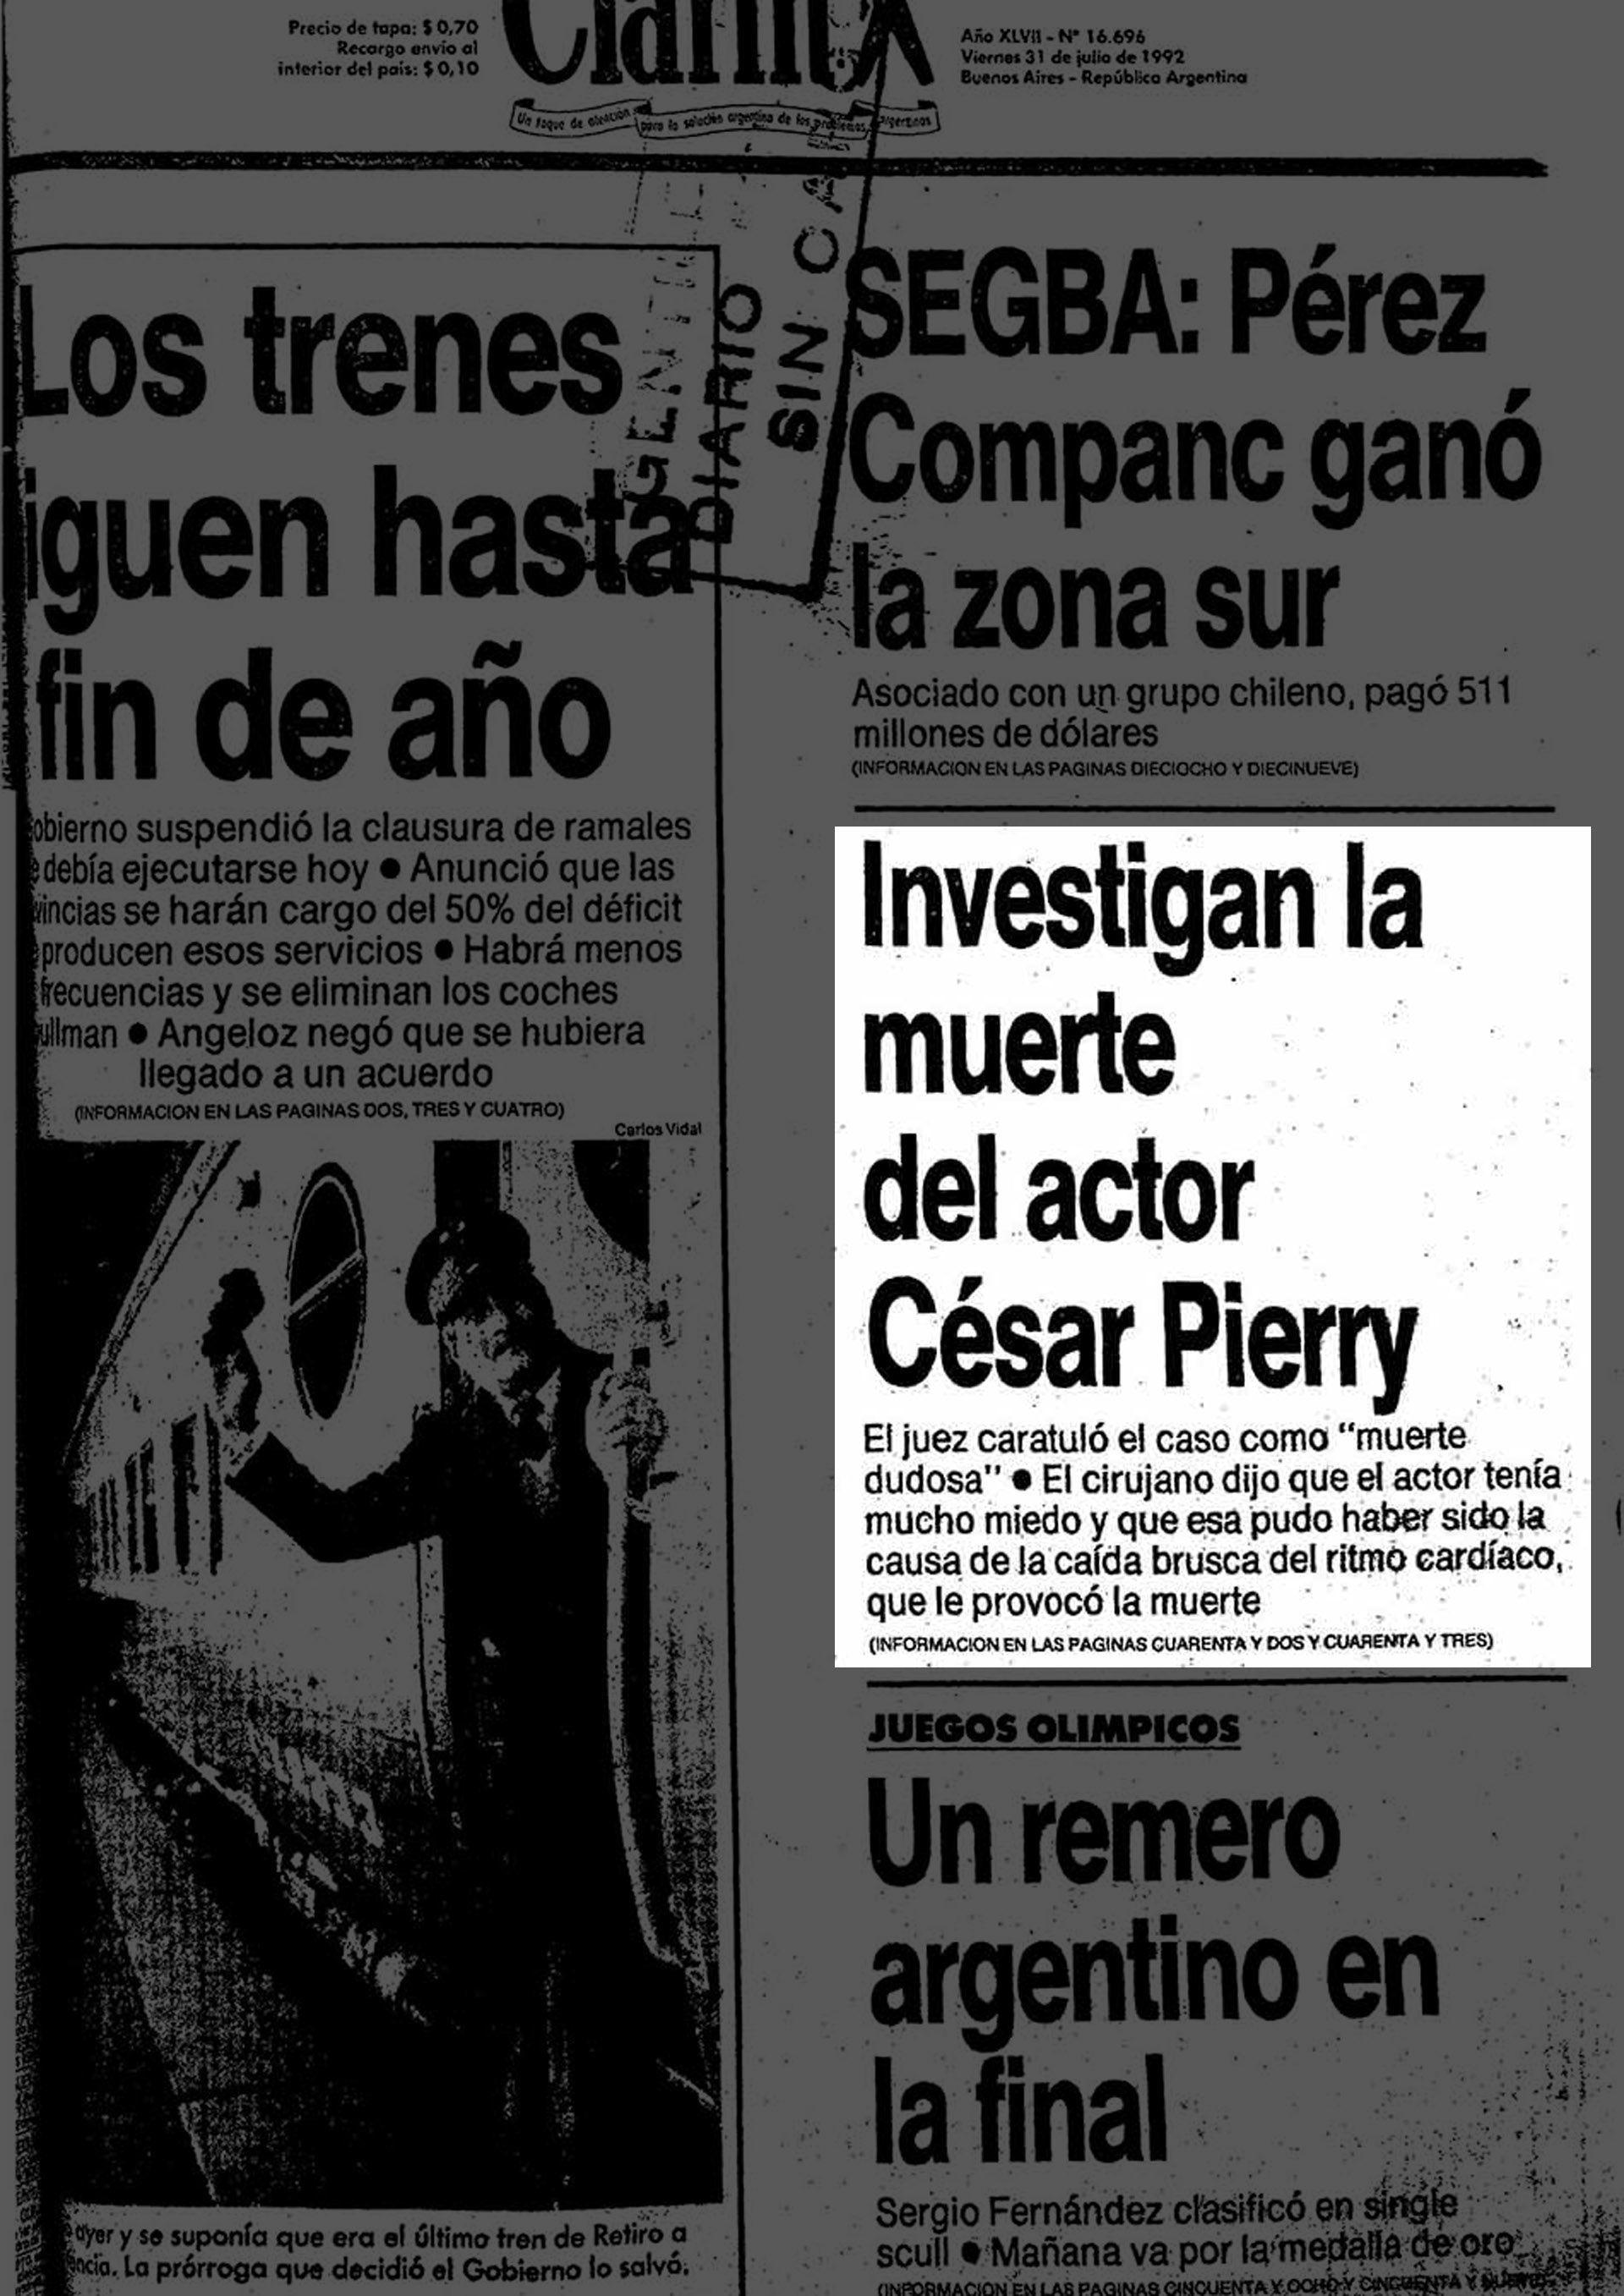 Tapa del diario Clarín del 31 de julio de 1992